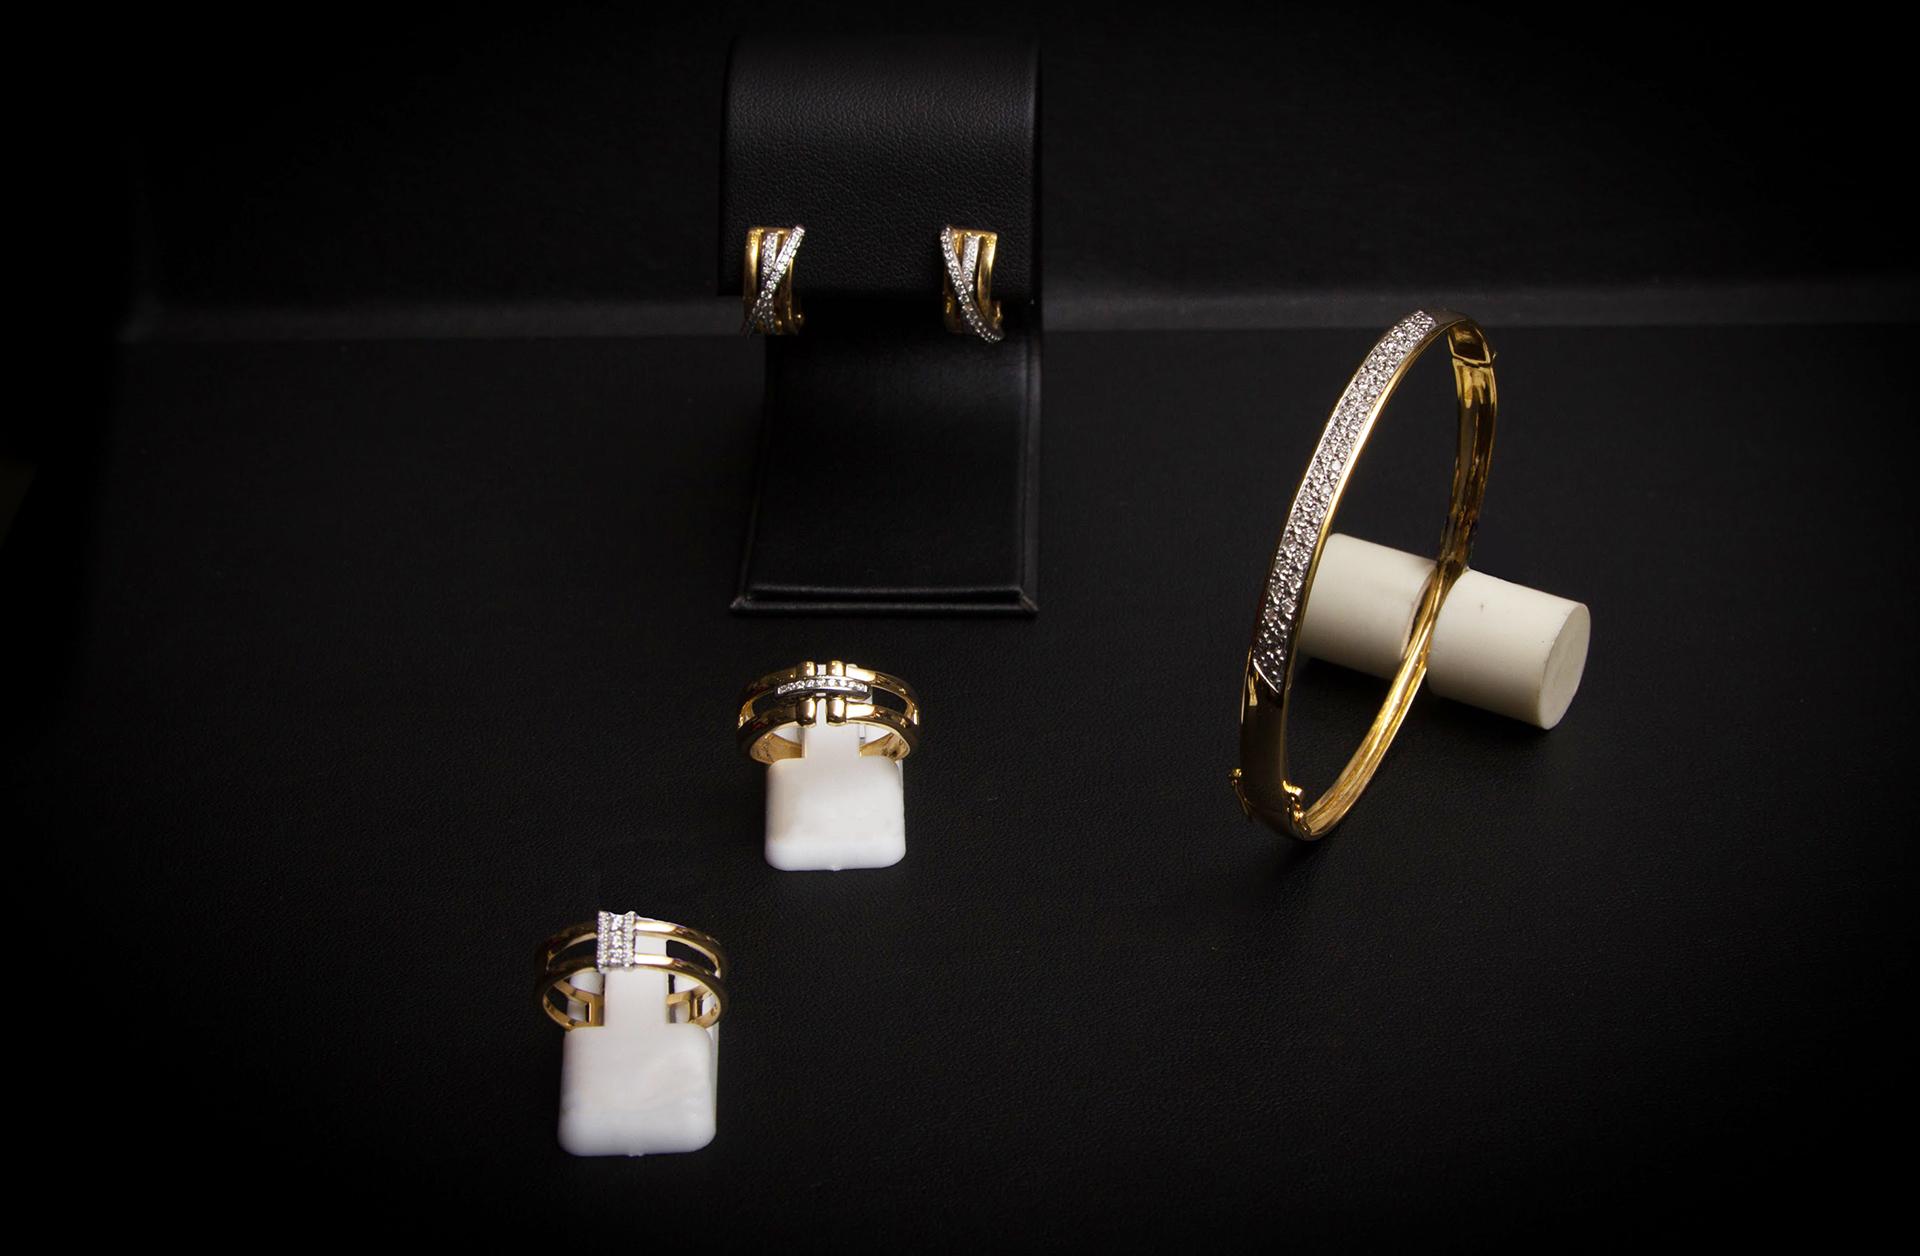 bijouterie-verneau-bracelet-jonc-bague-or-diamand-pierre-precieuse-joaillier-bijoutier-createur-toulon-la-garde-var